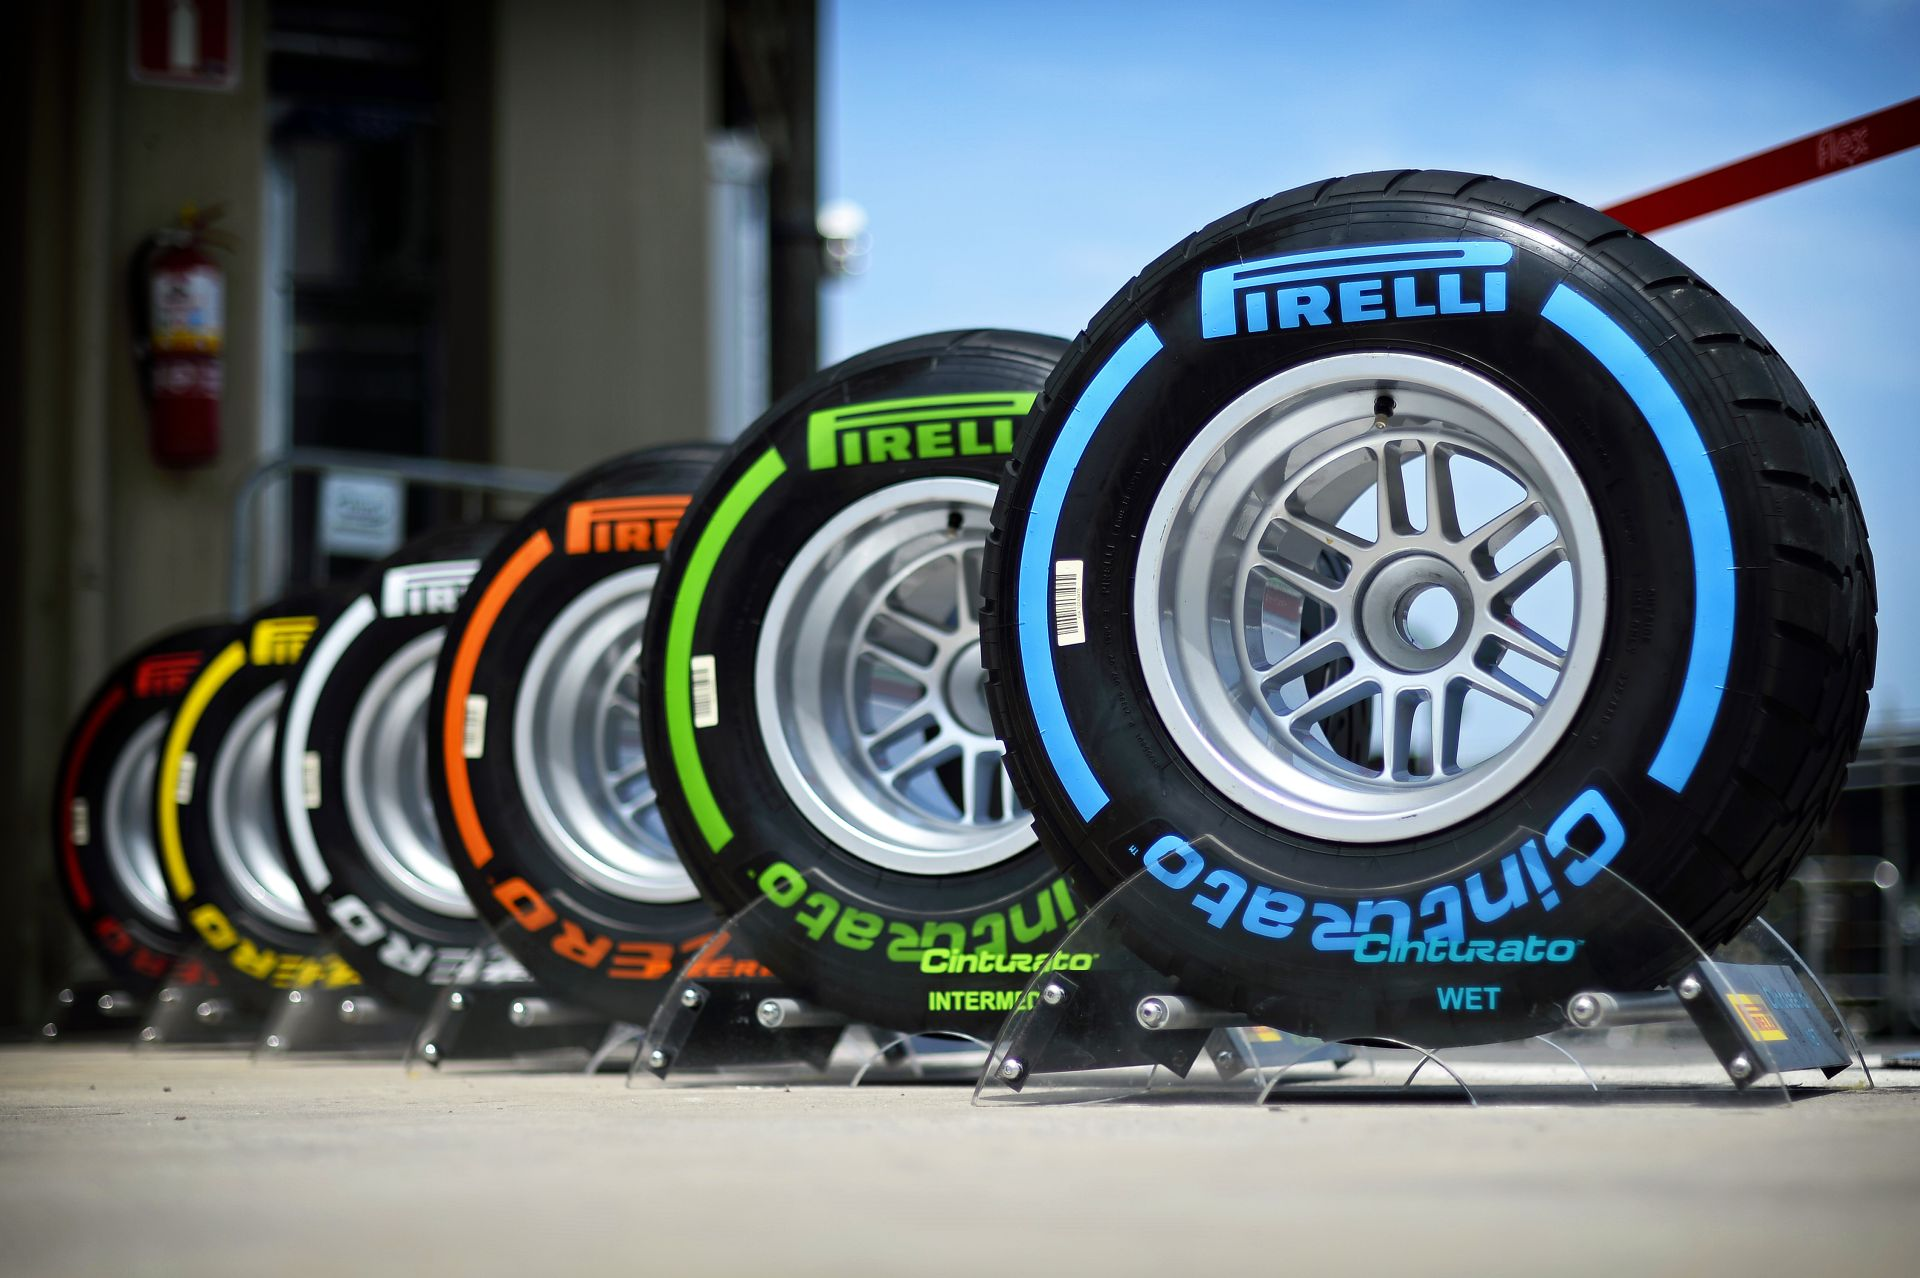 Ők tesztelnek a következő héten Abu Dhabiban: Vettel és Raikkönen is mozgásba lendül